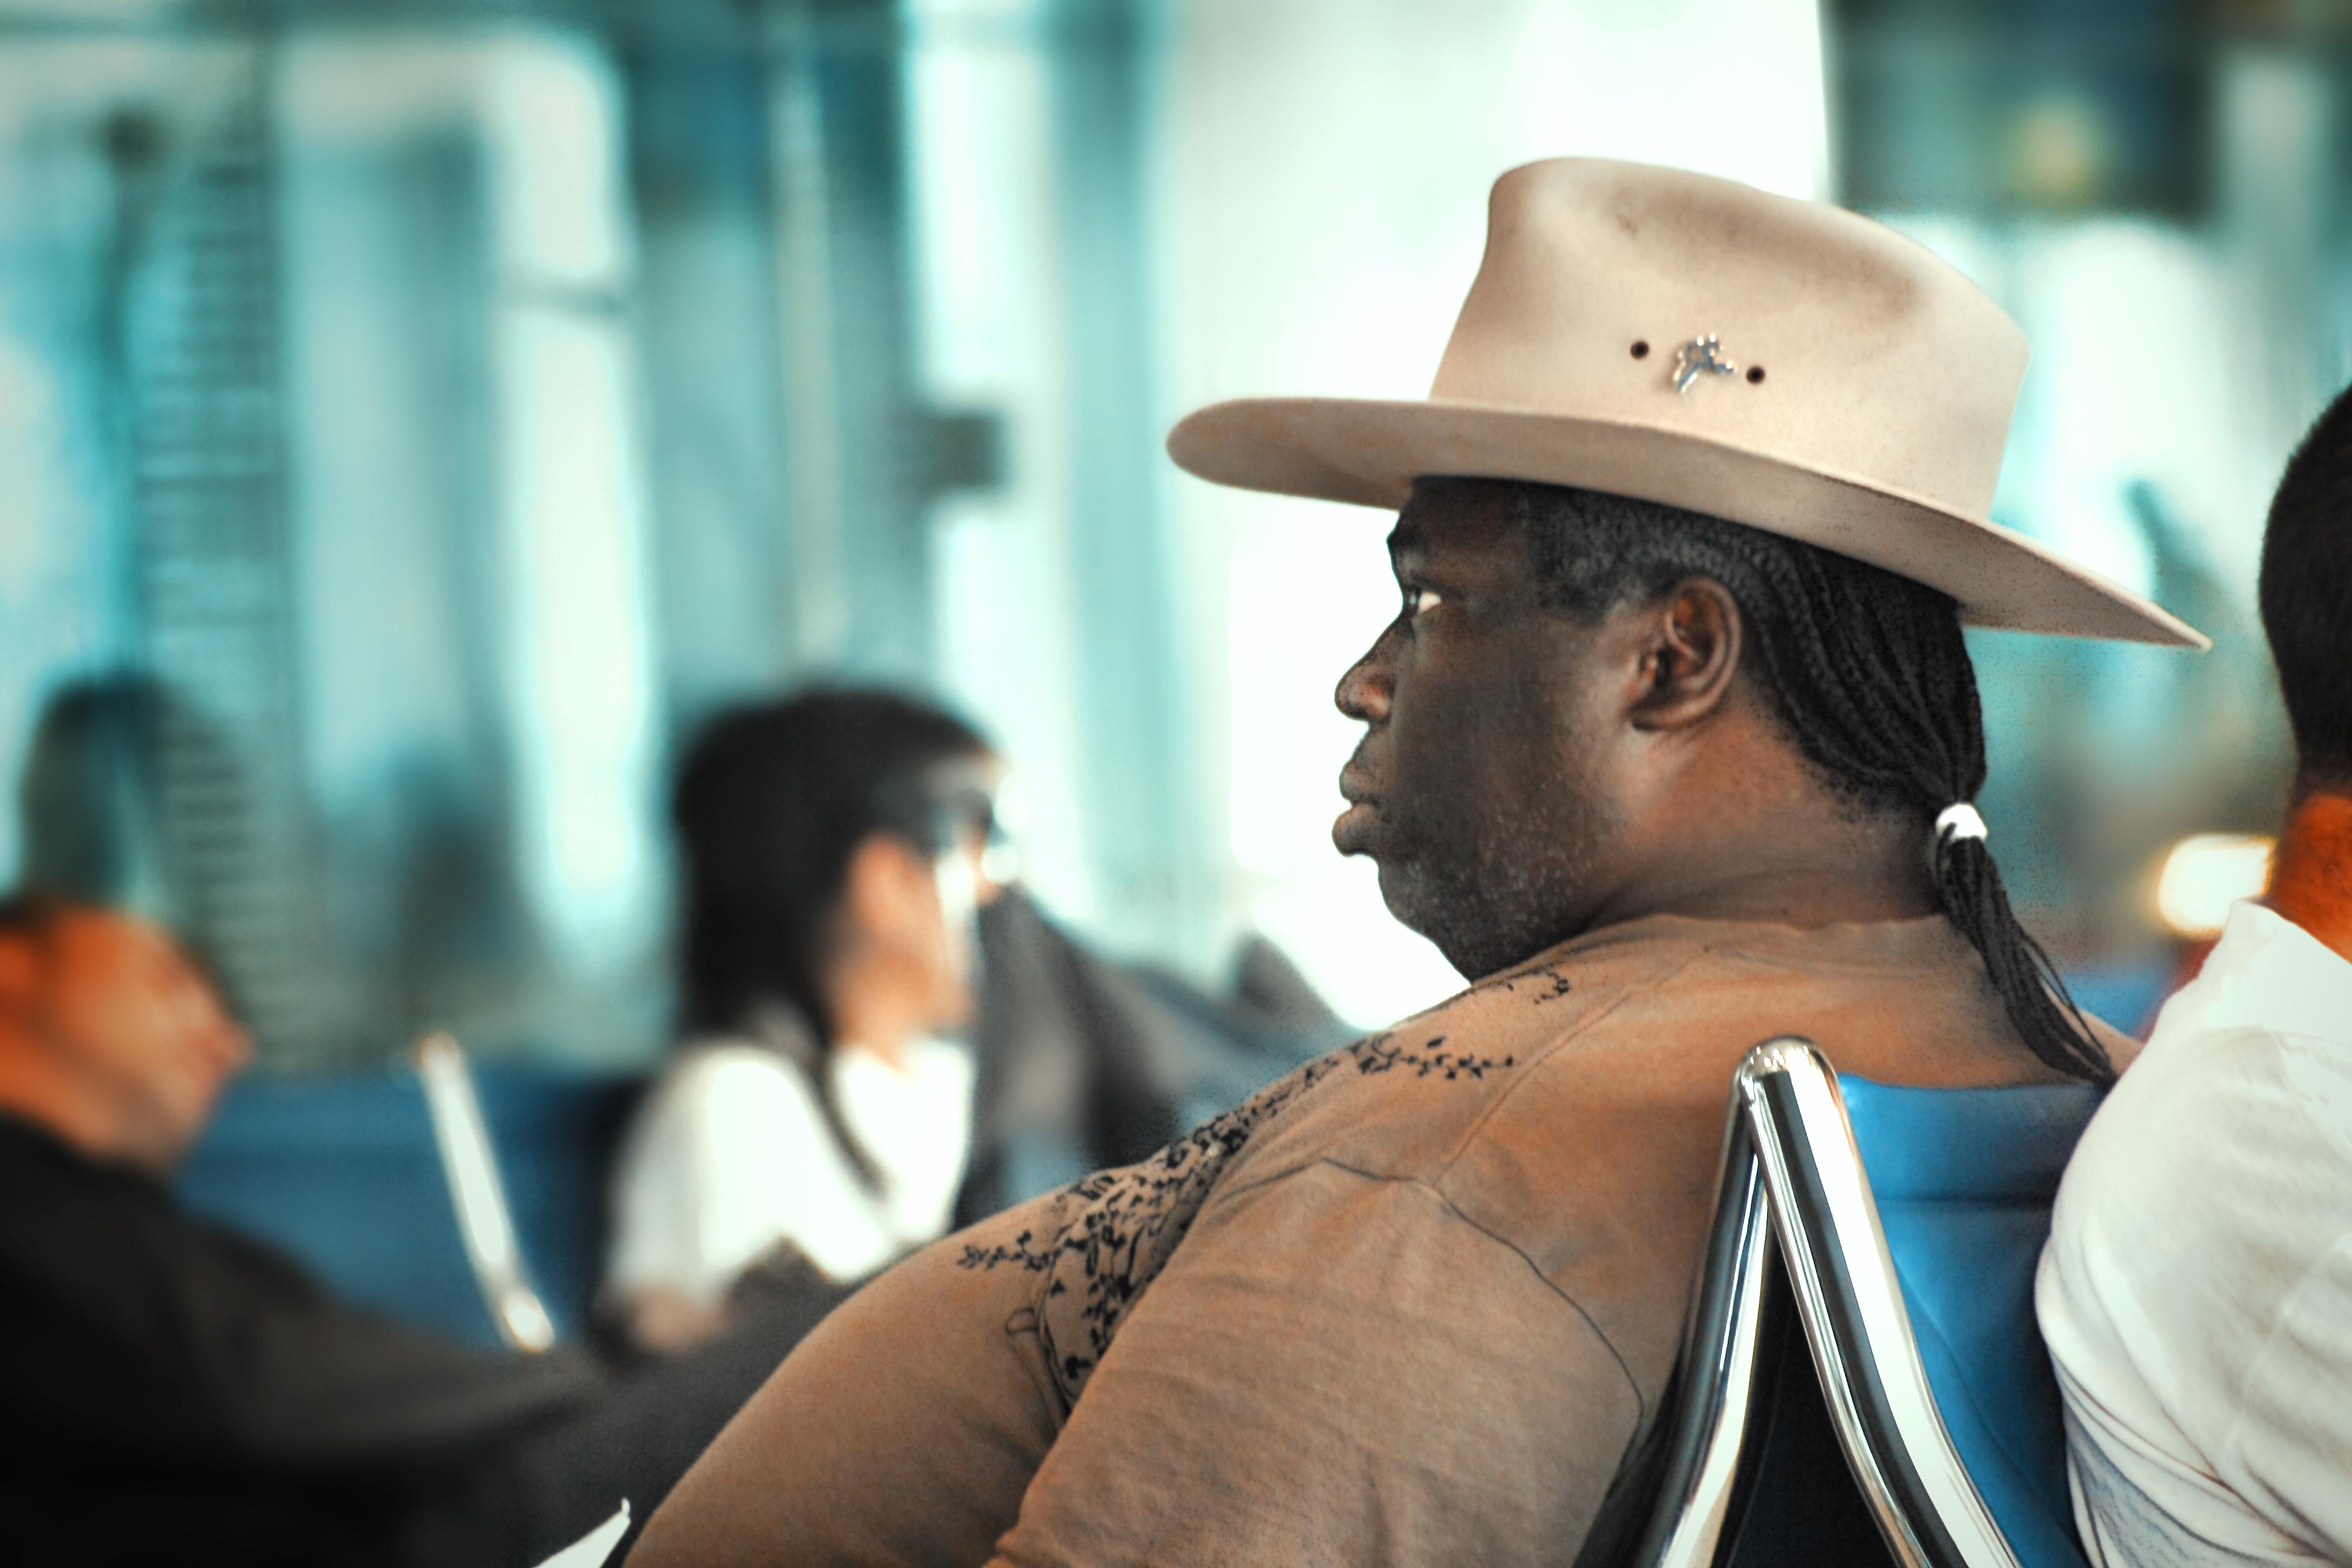 Fat Guy In Cowboy Hat